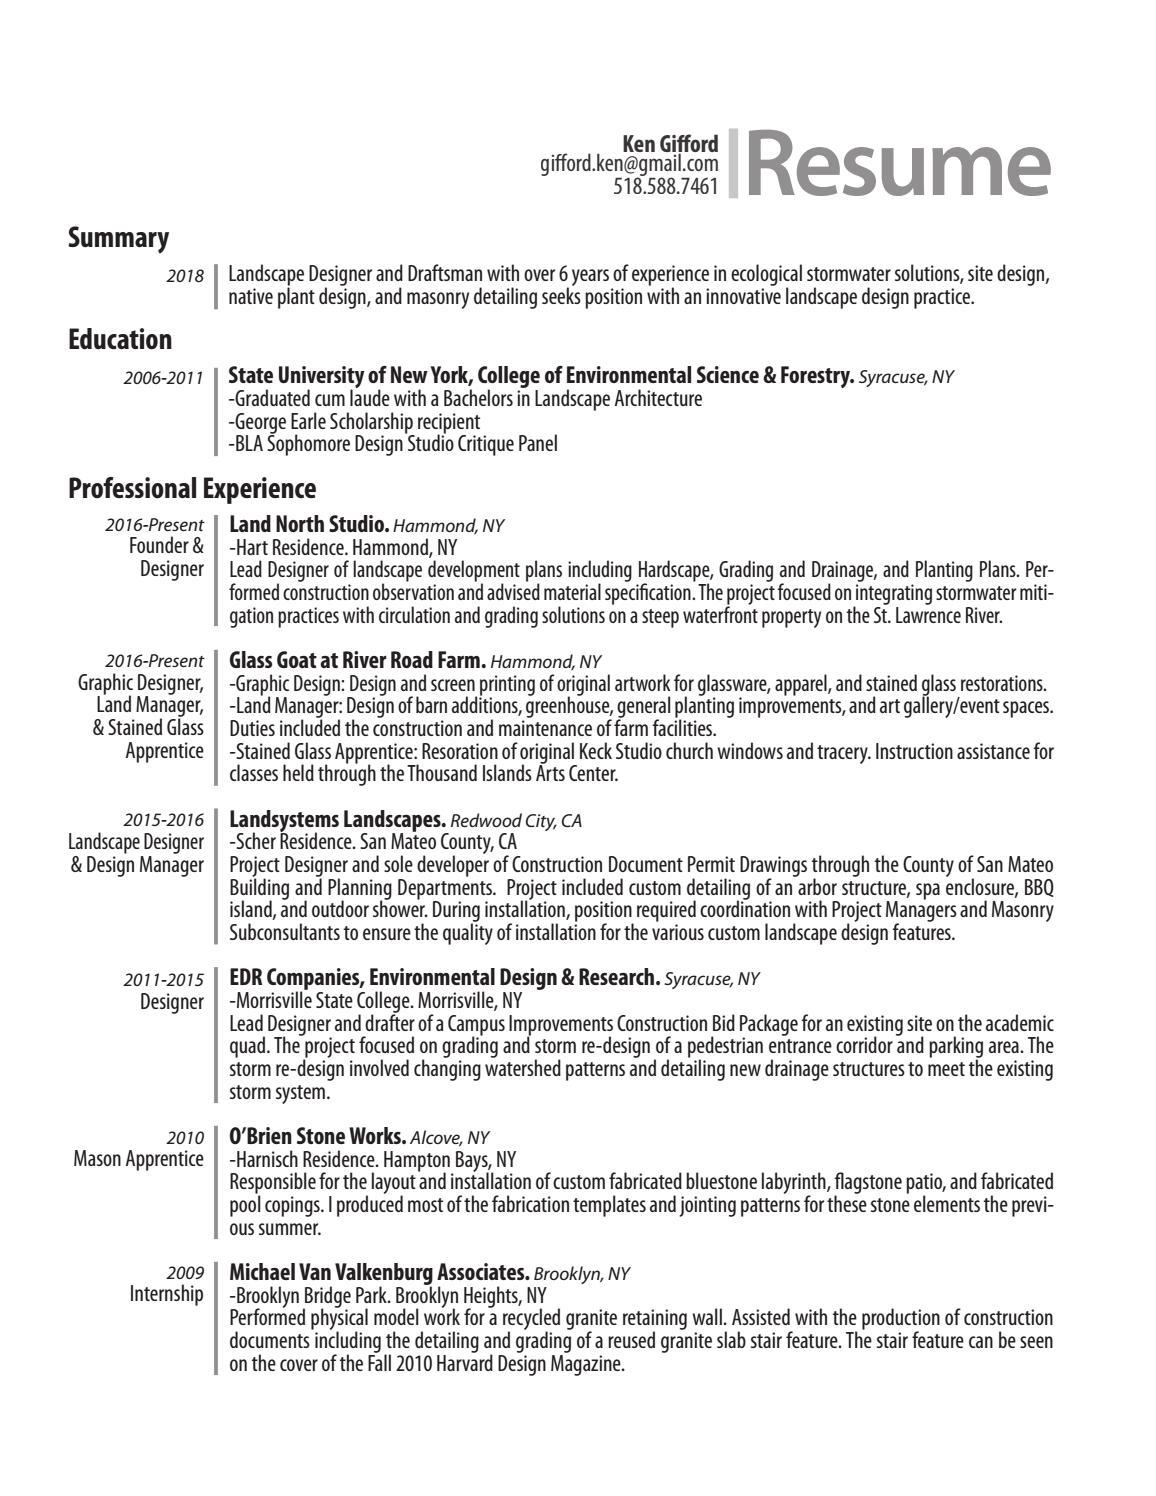 Gifford resume by Ken Gifford - issuu